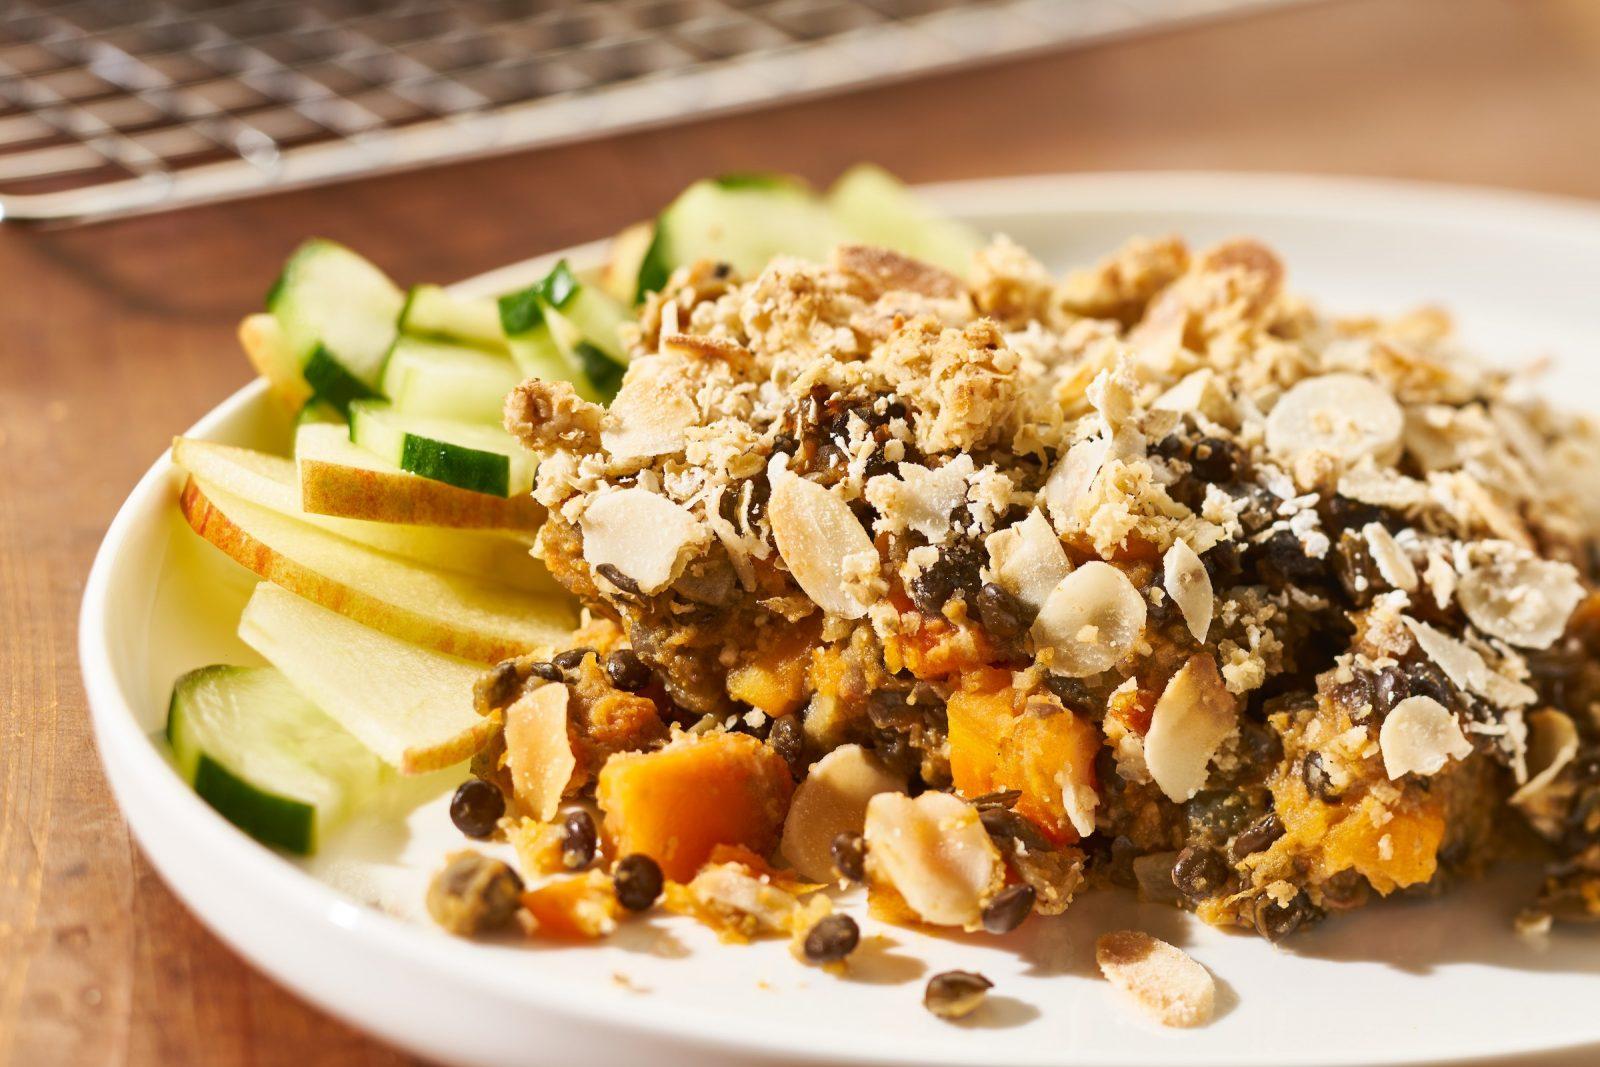 Zoete aardappel linzen ovenschotel met notencrumble en frisse komkommer appelsalade